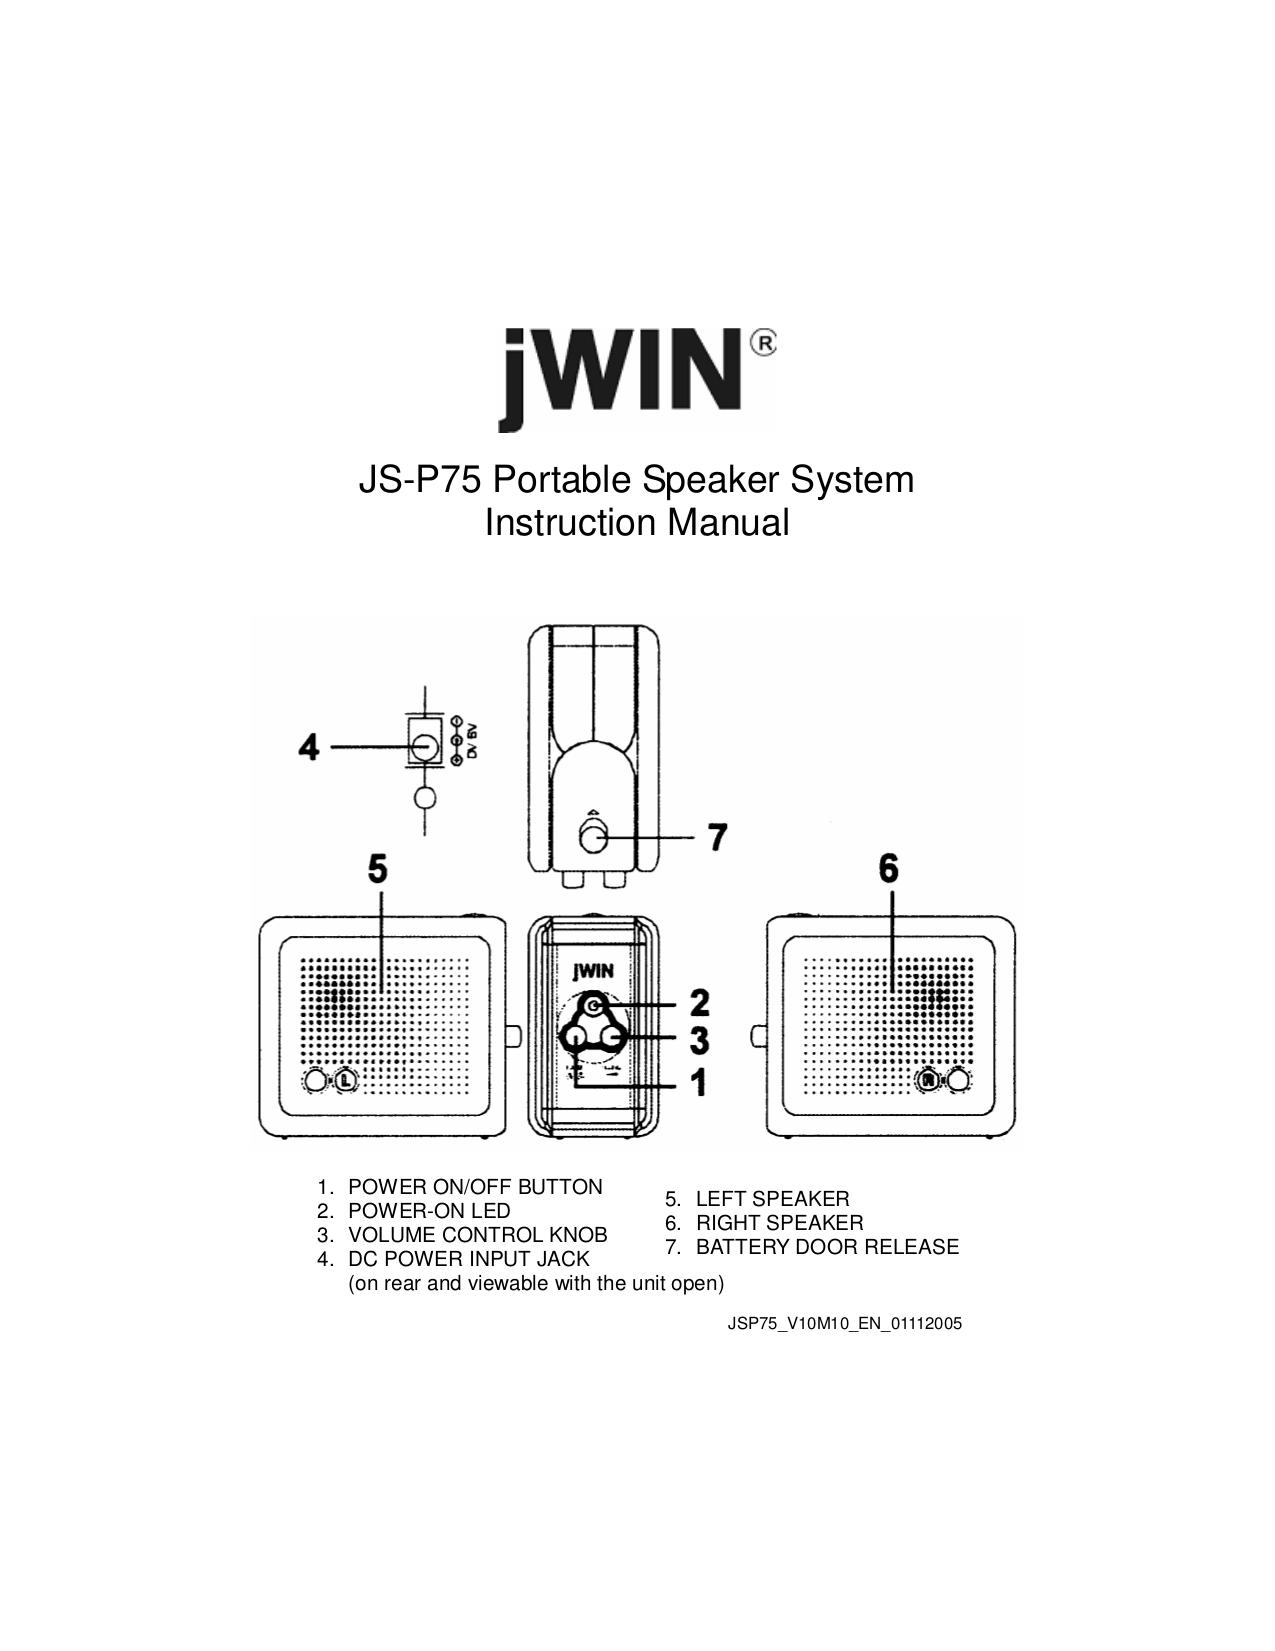 pdf for jWIN Speaker JS-P75 manual